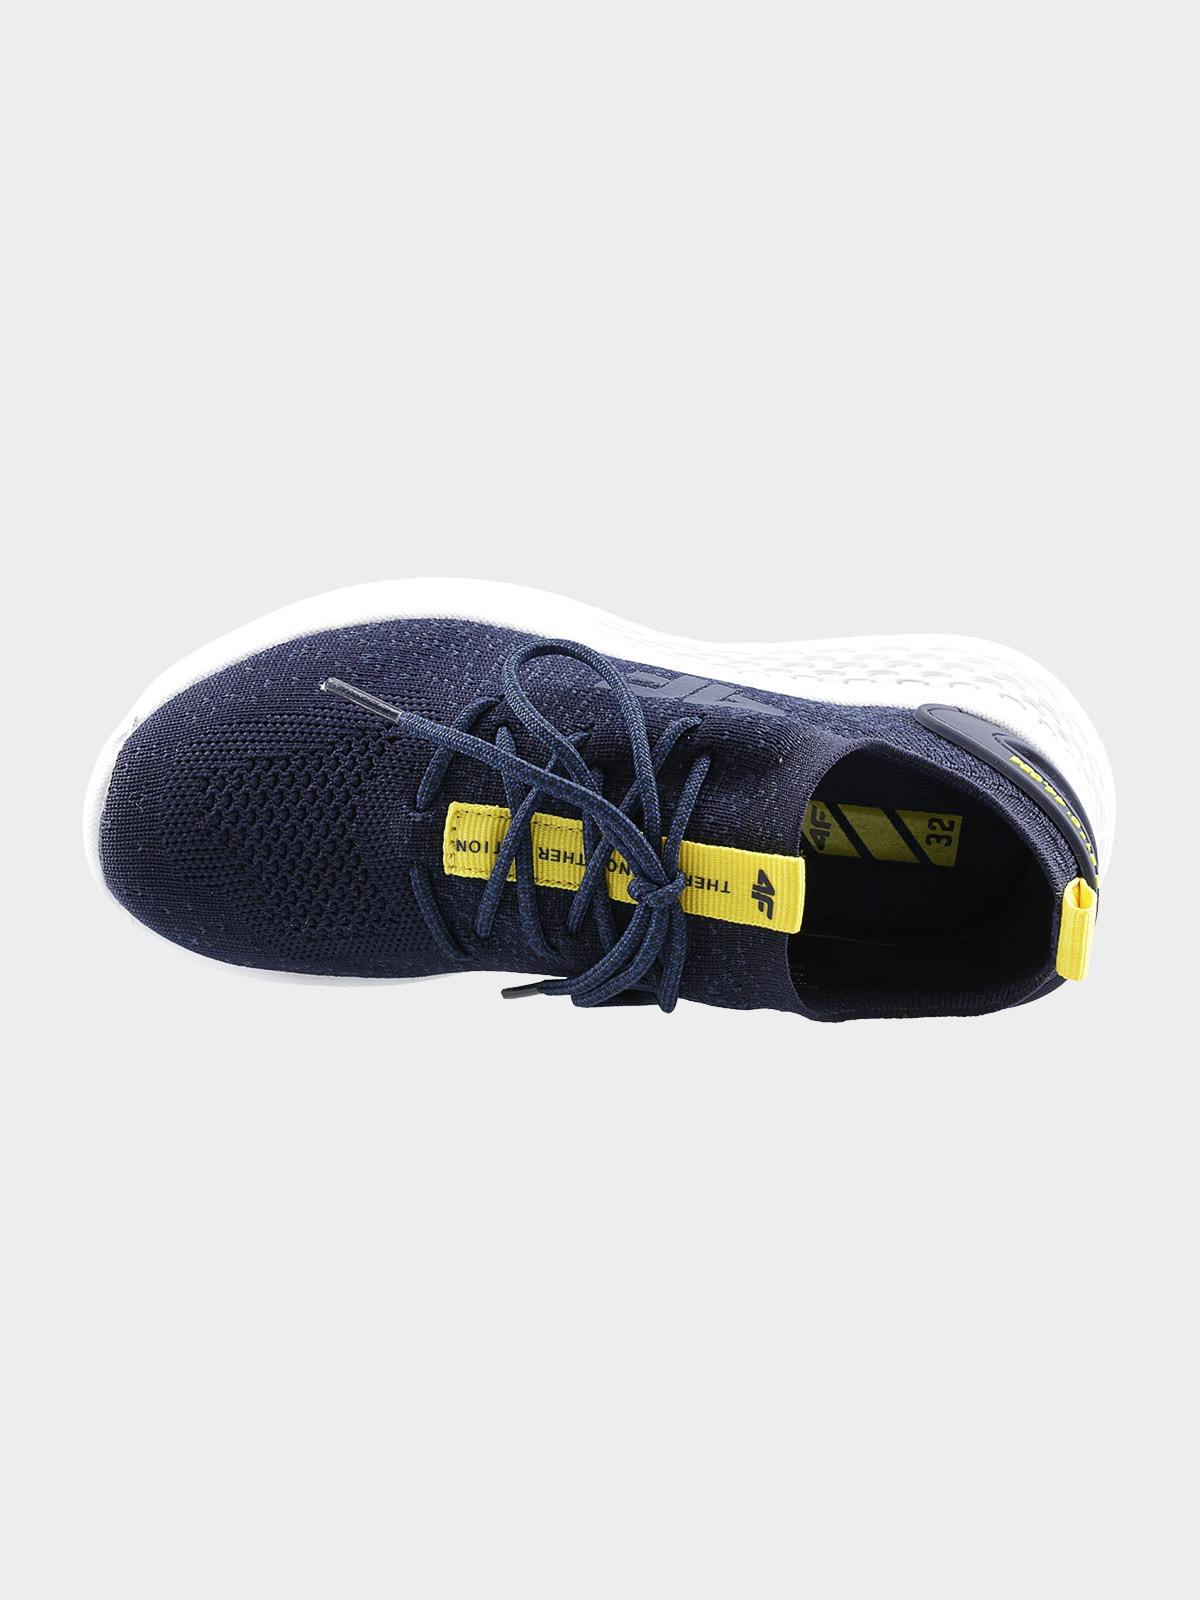 Buty sportowe chłopięce (31 38) JOBMS200 granat melanż